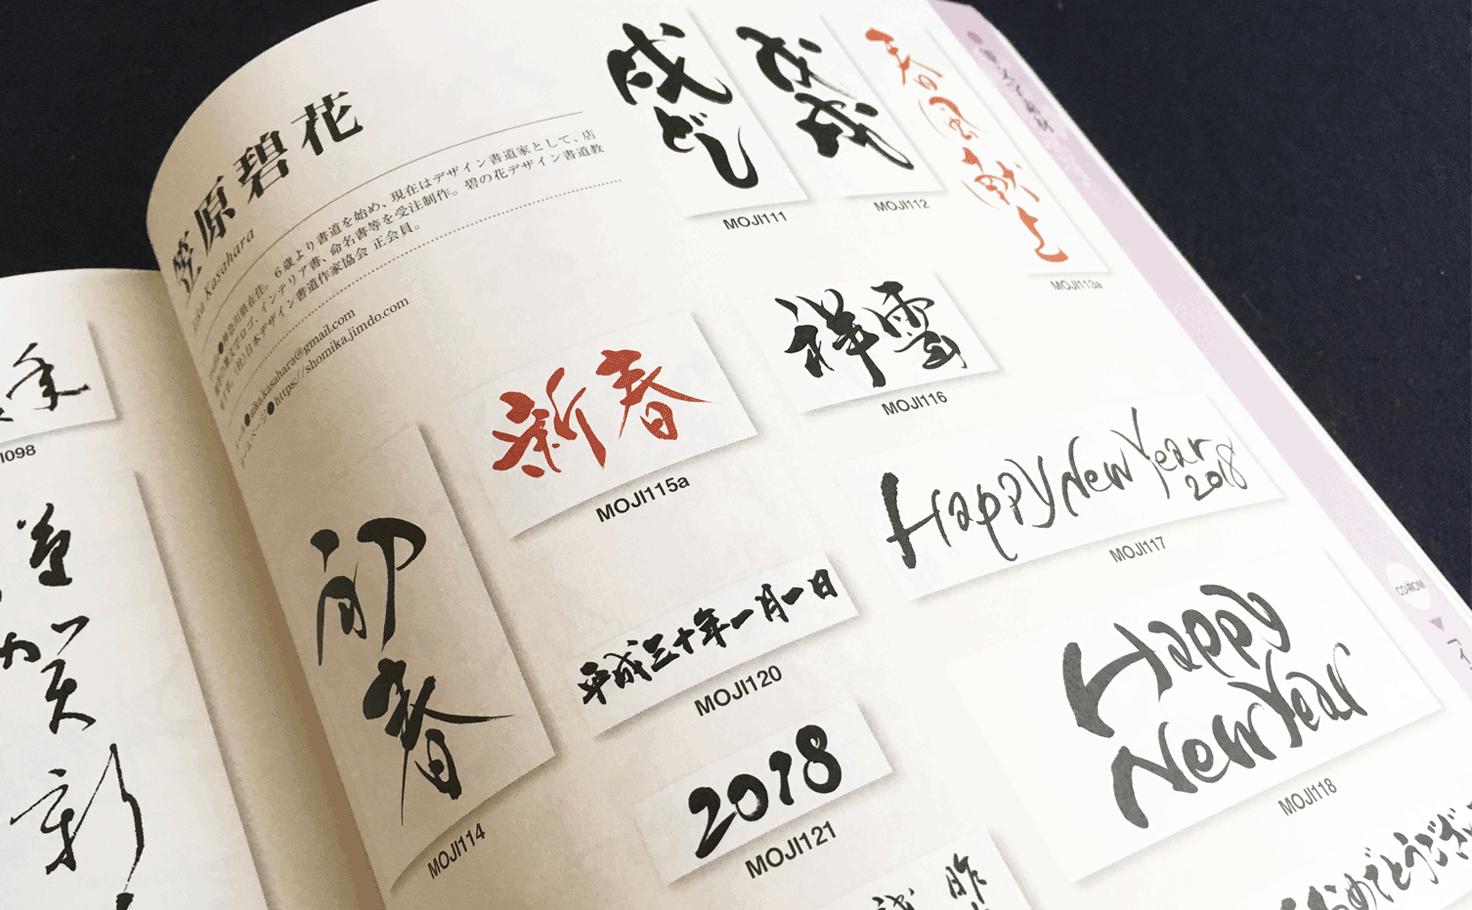 美麗年賀状の戌どし、NappyNewYear、新春など筆文字素材